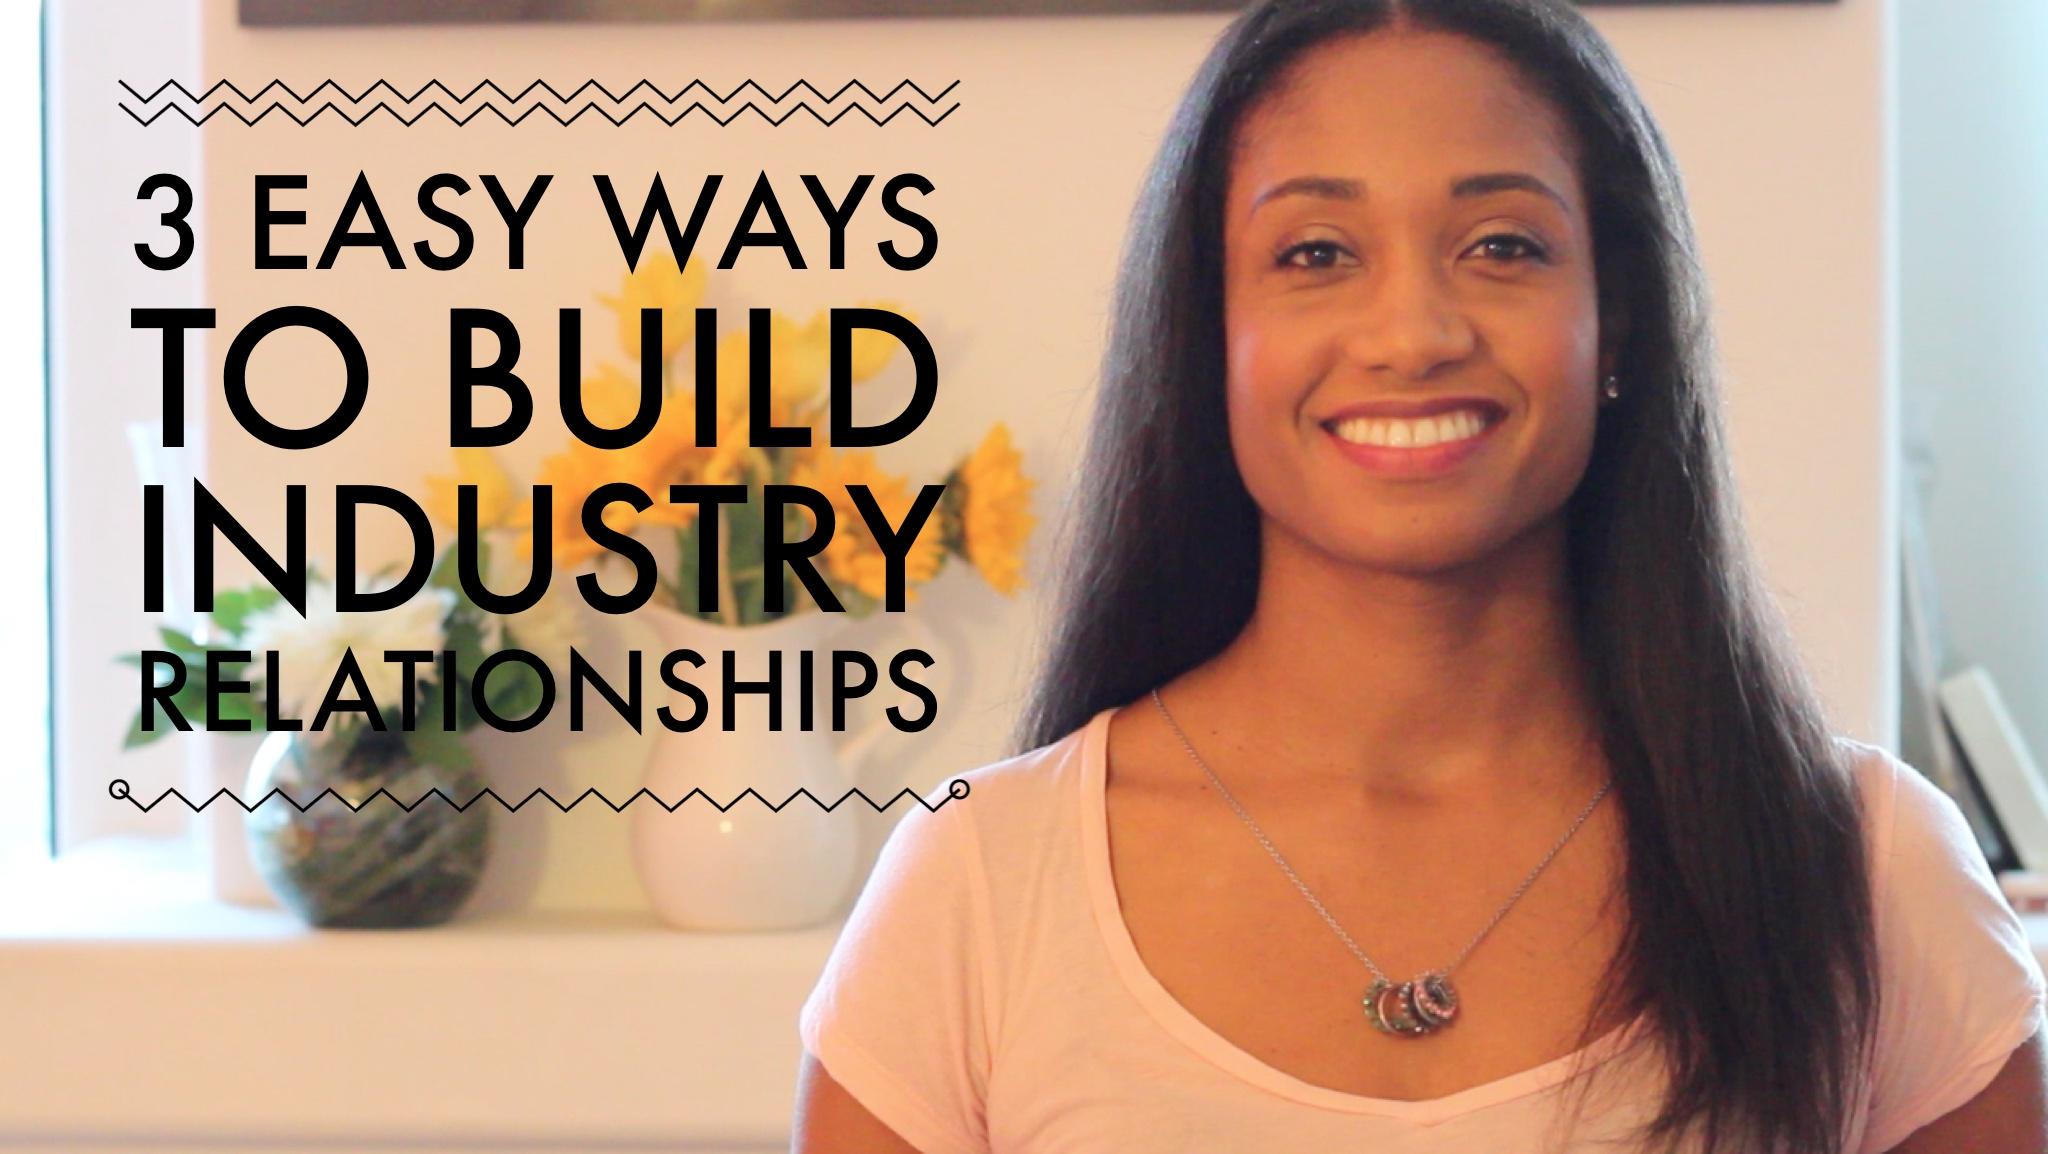 3 Easy Ways to Build Industry Relationships Now   Workshop Guru